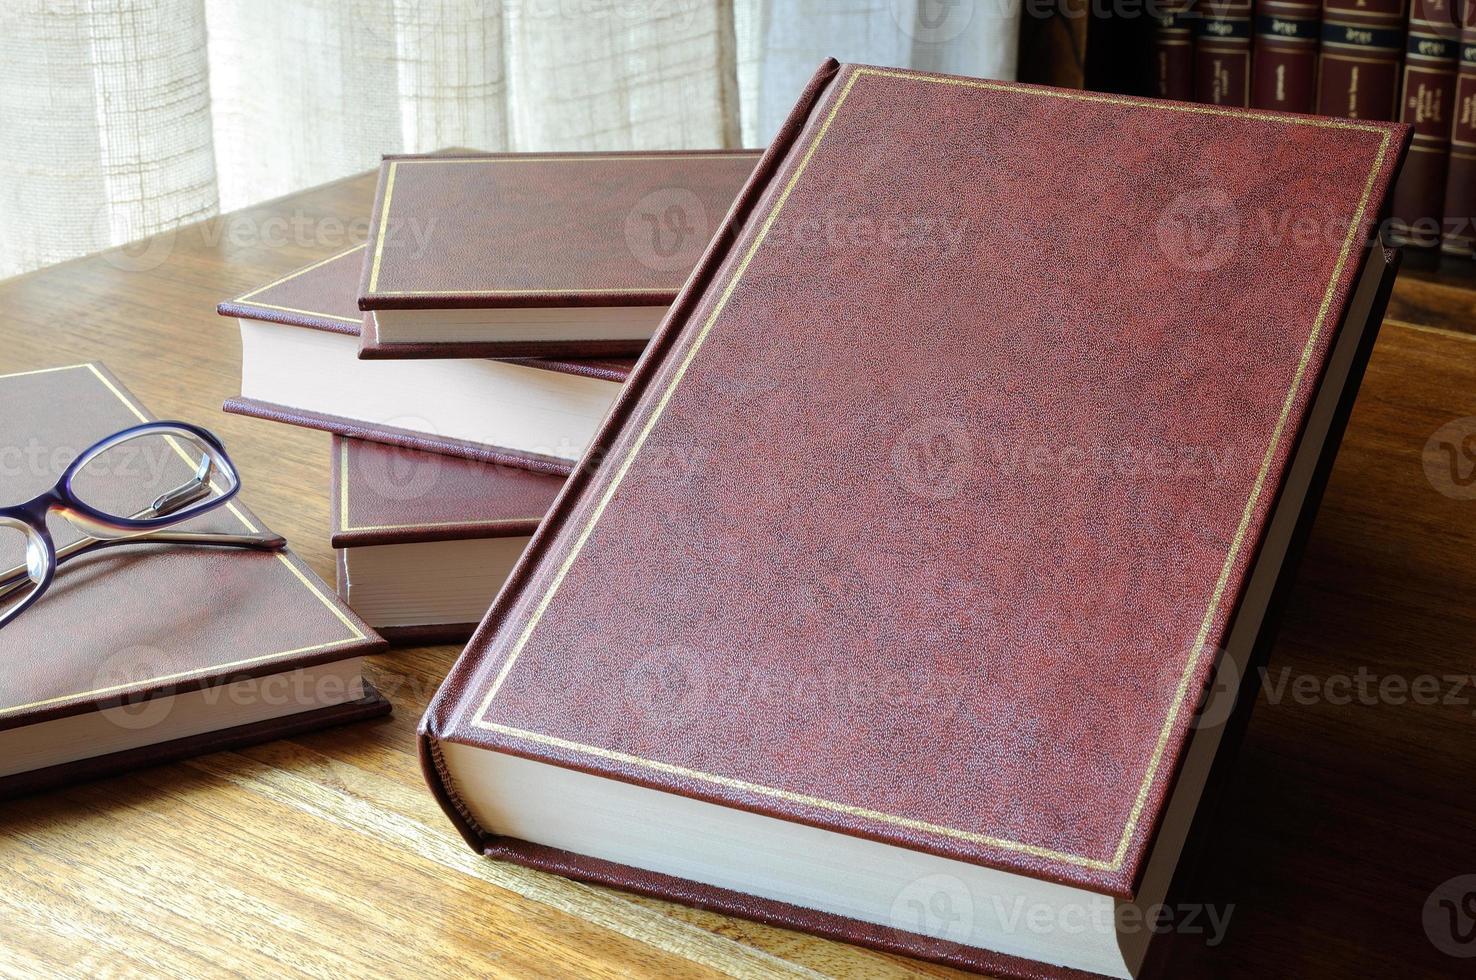 conjunto expuesto de libros sobre la mesa foto